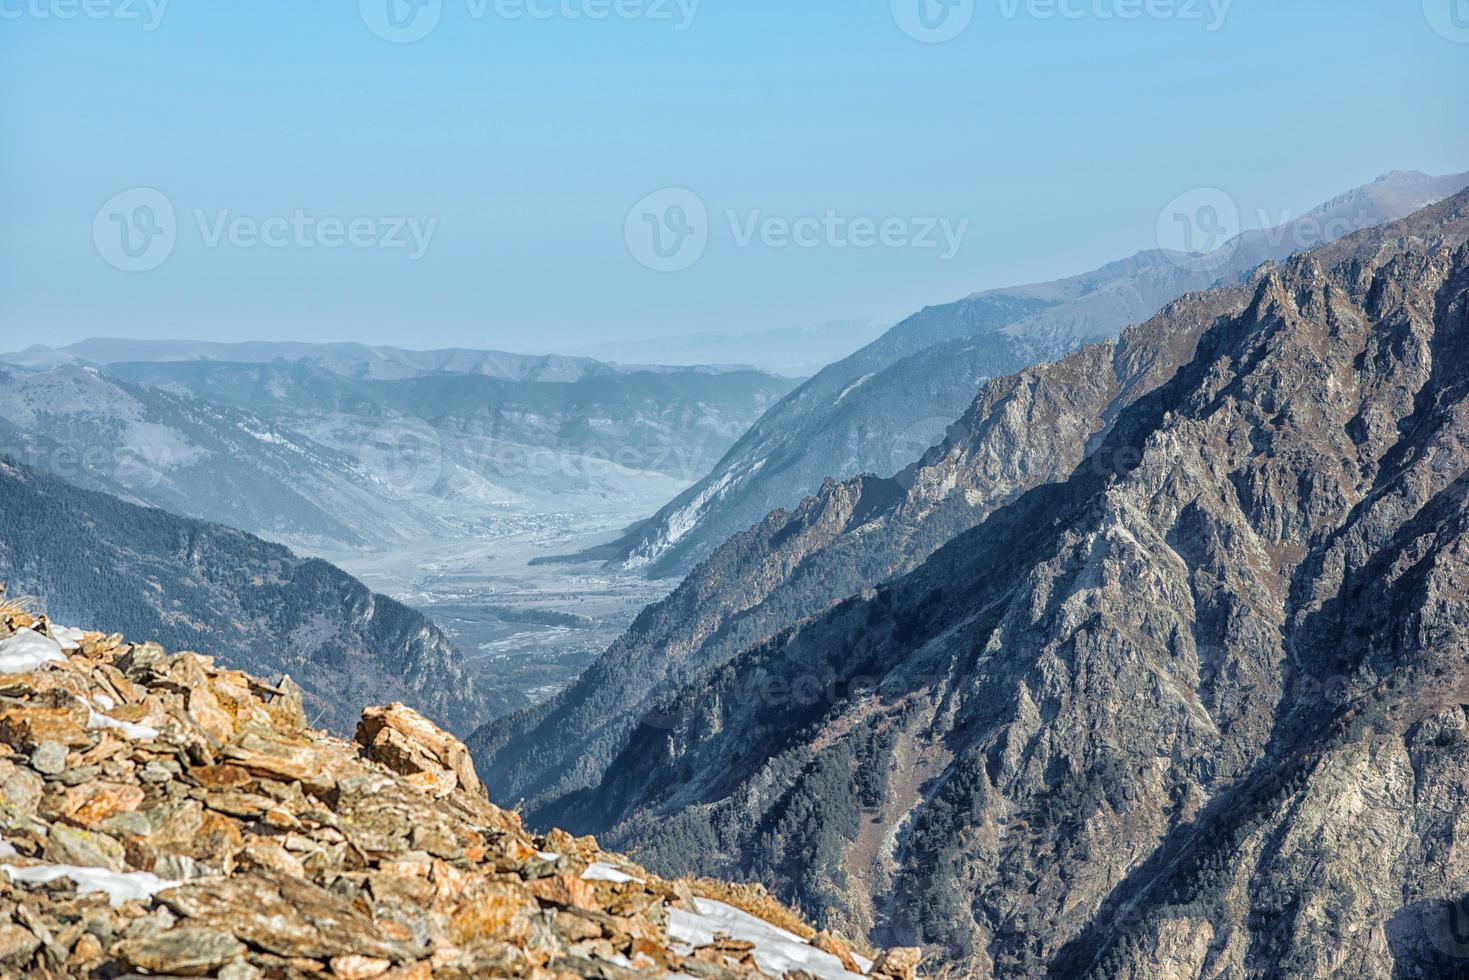 dombai. paisagem das montanhas rochosas na região do cáucaso na Rússia foto